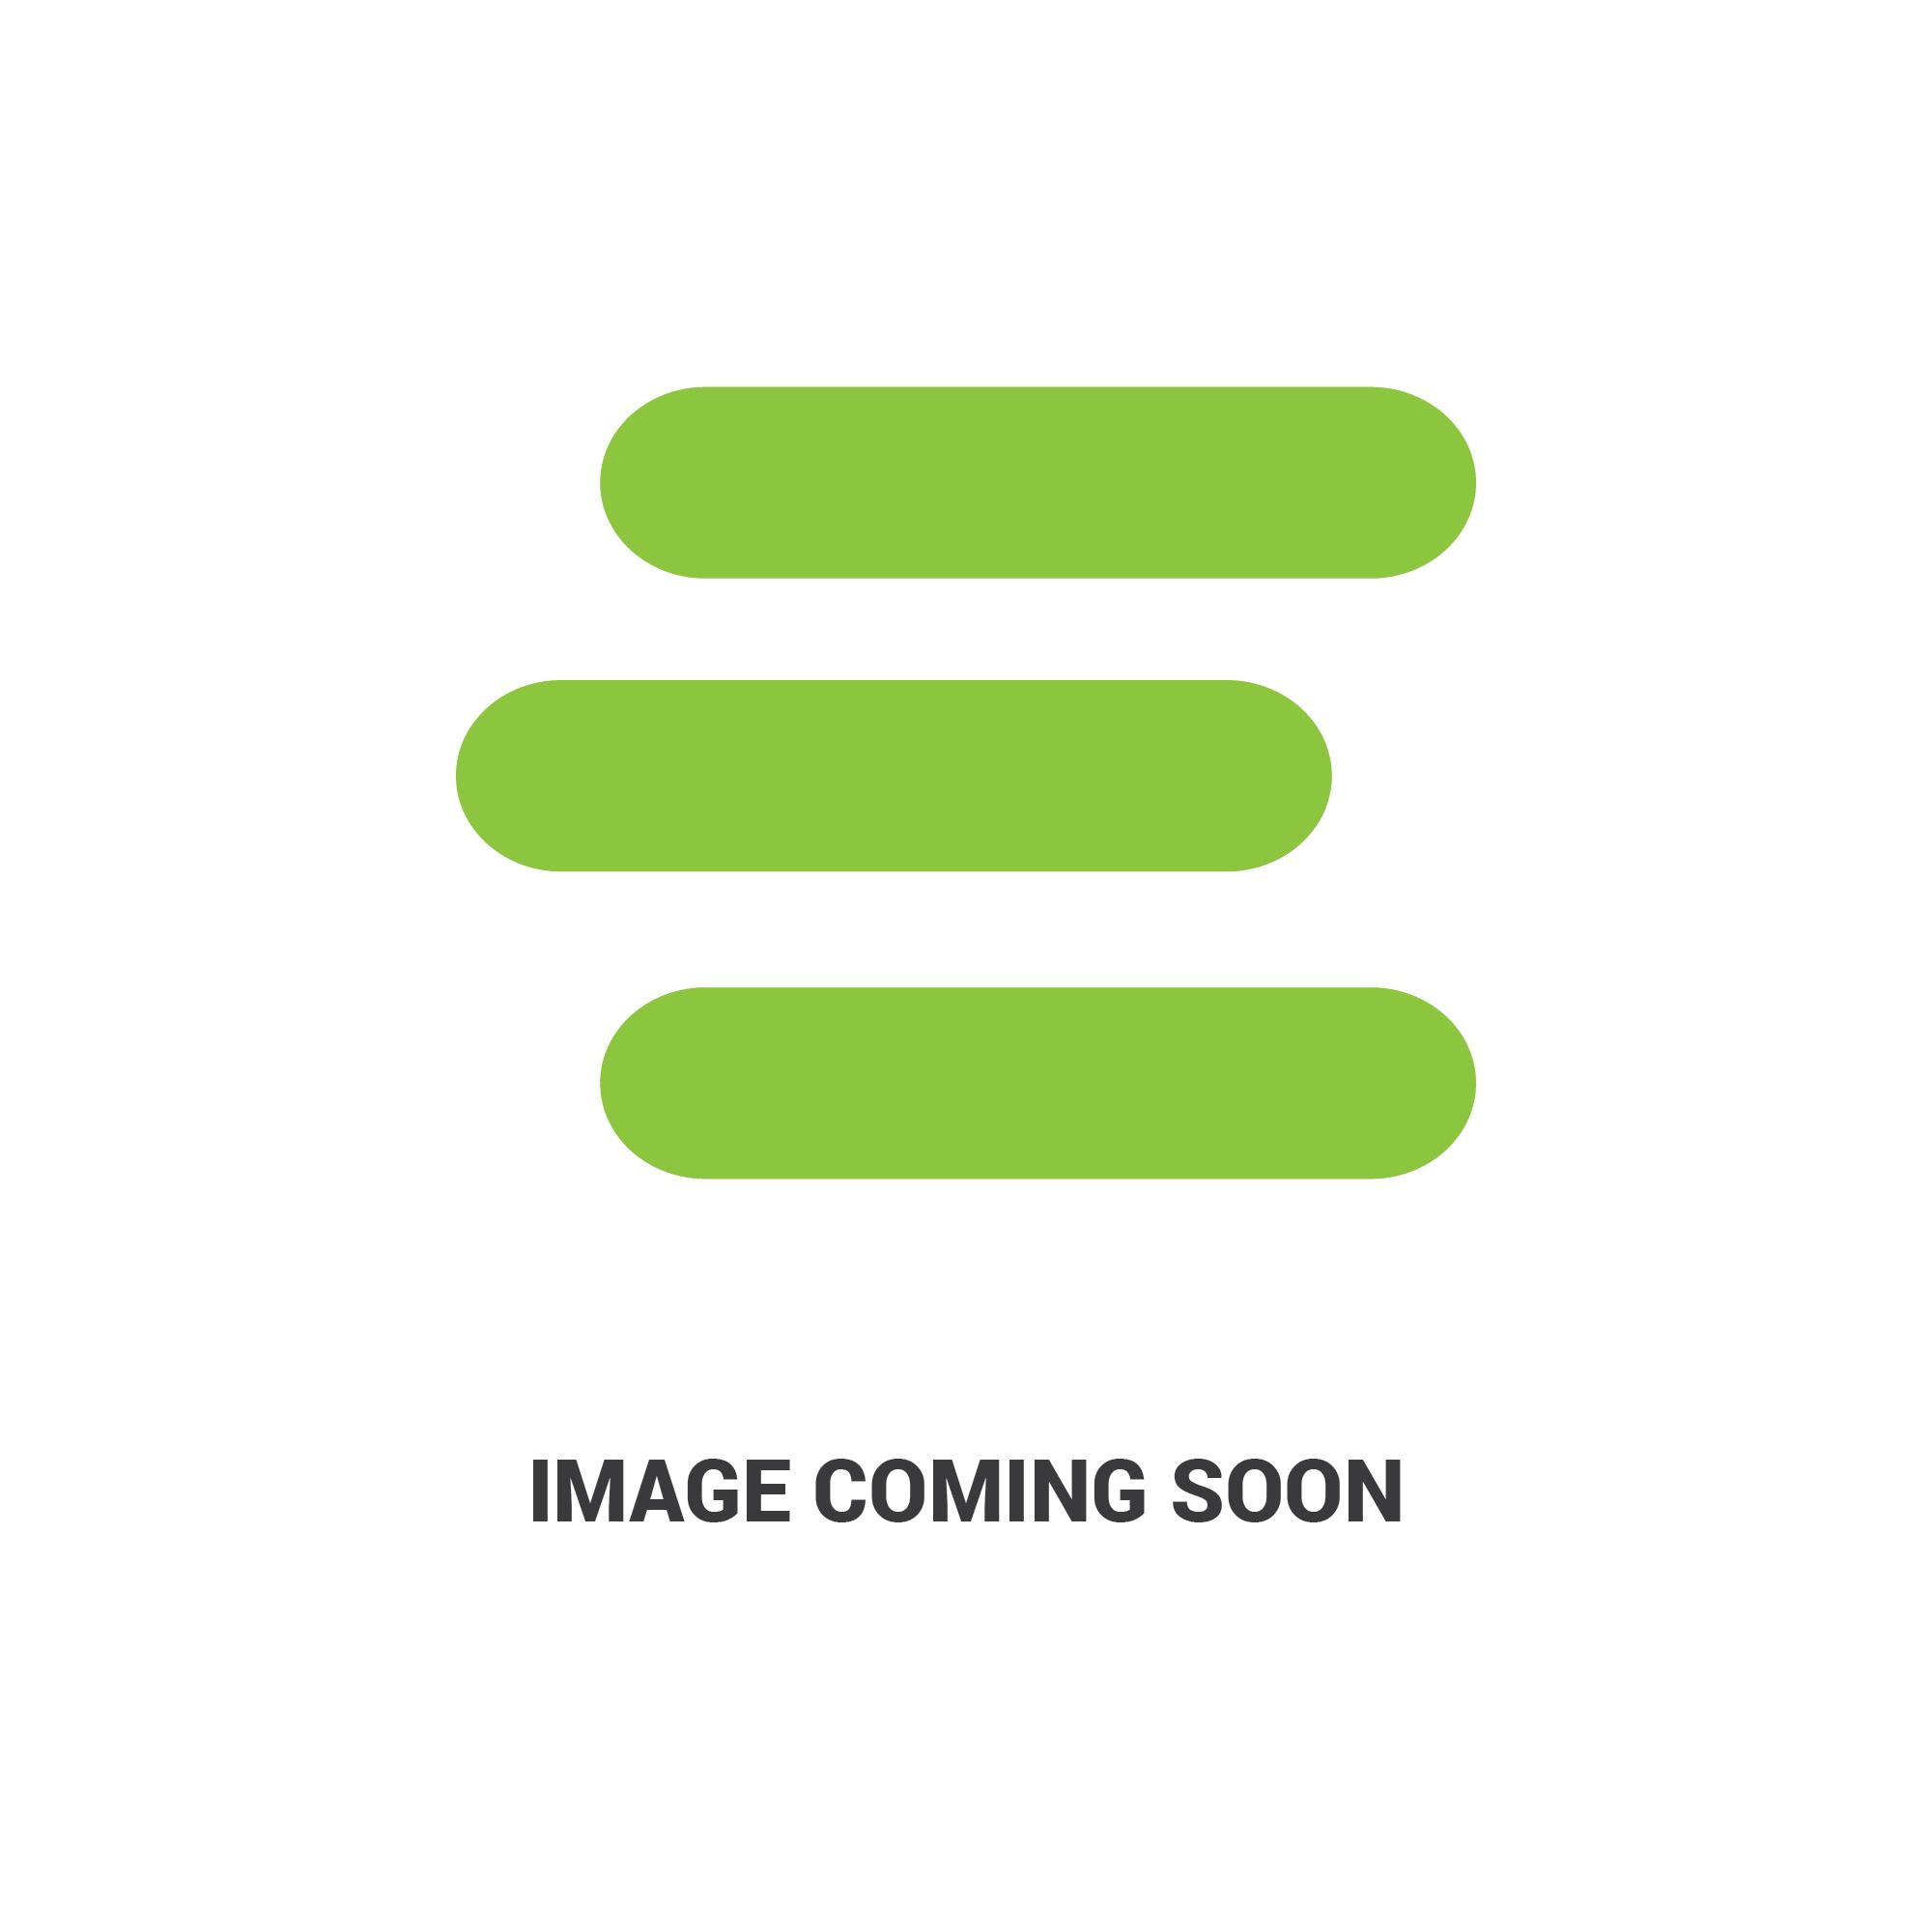 E-AL114321edit 1179.jpg